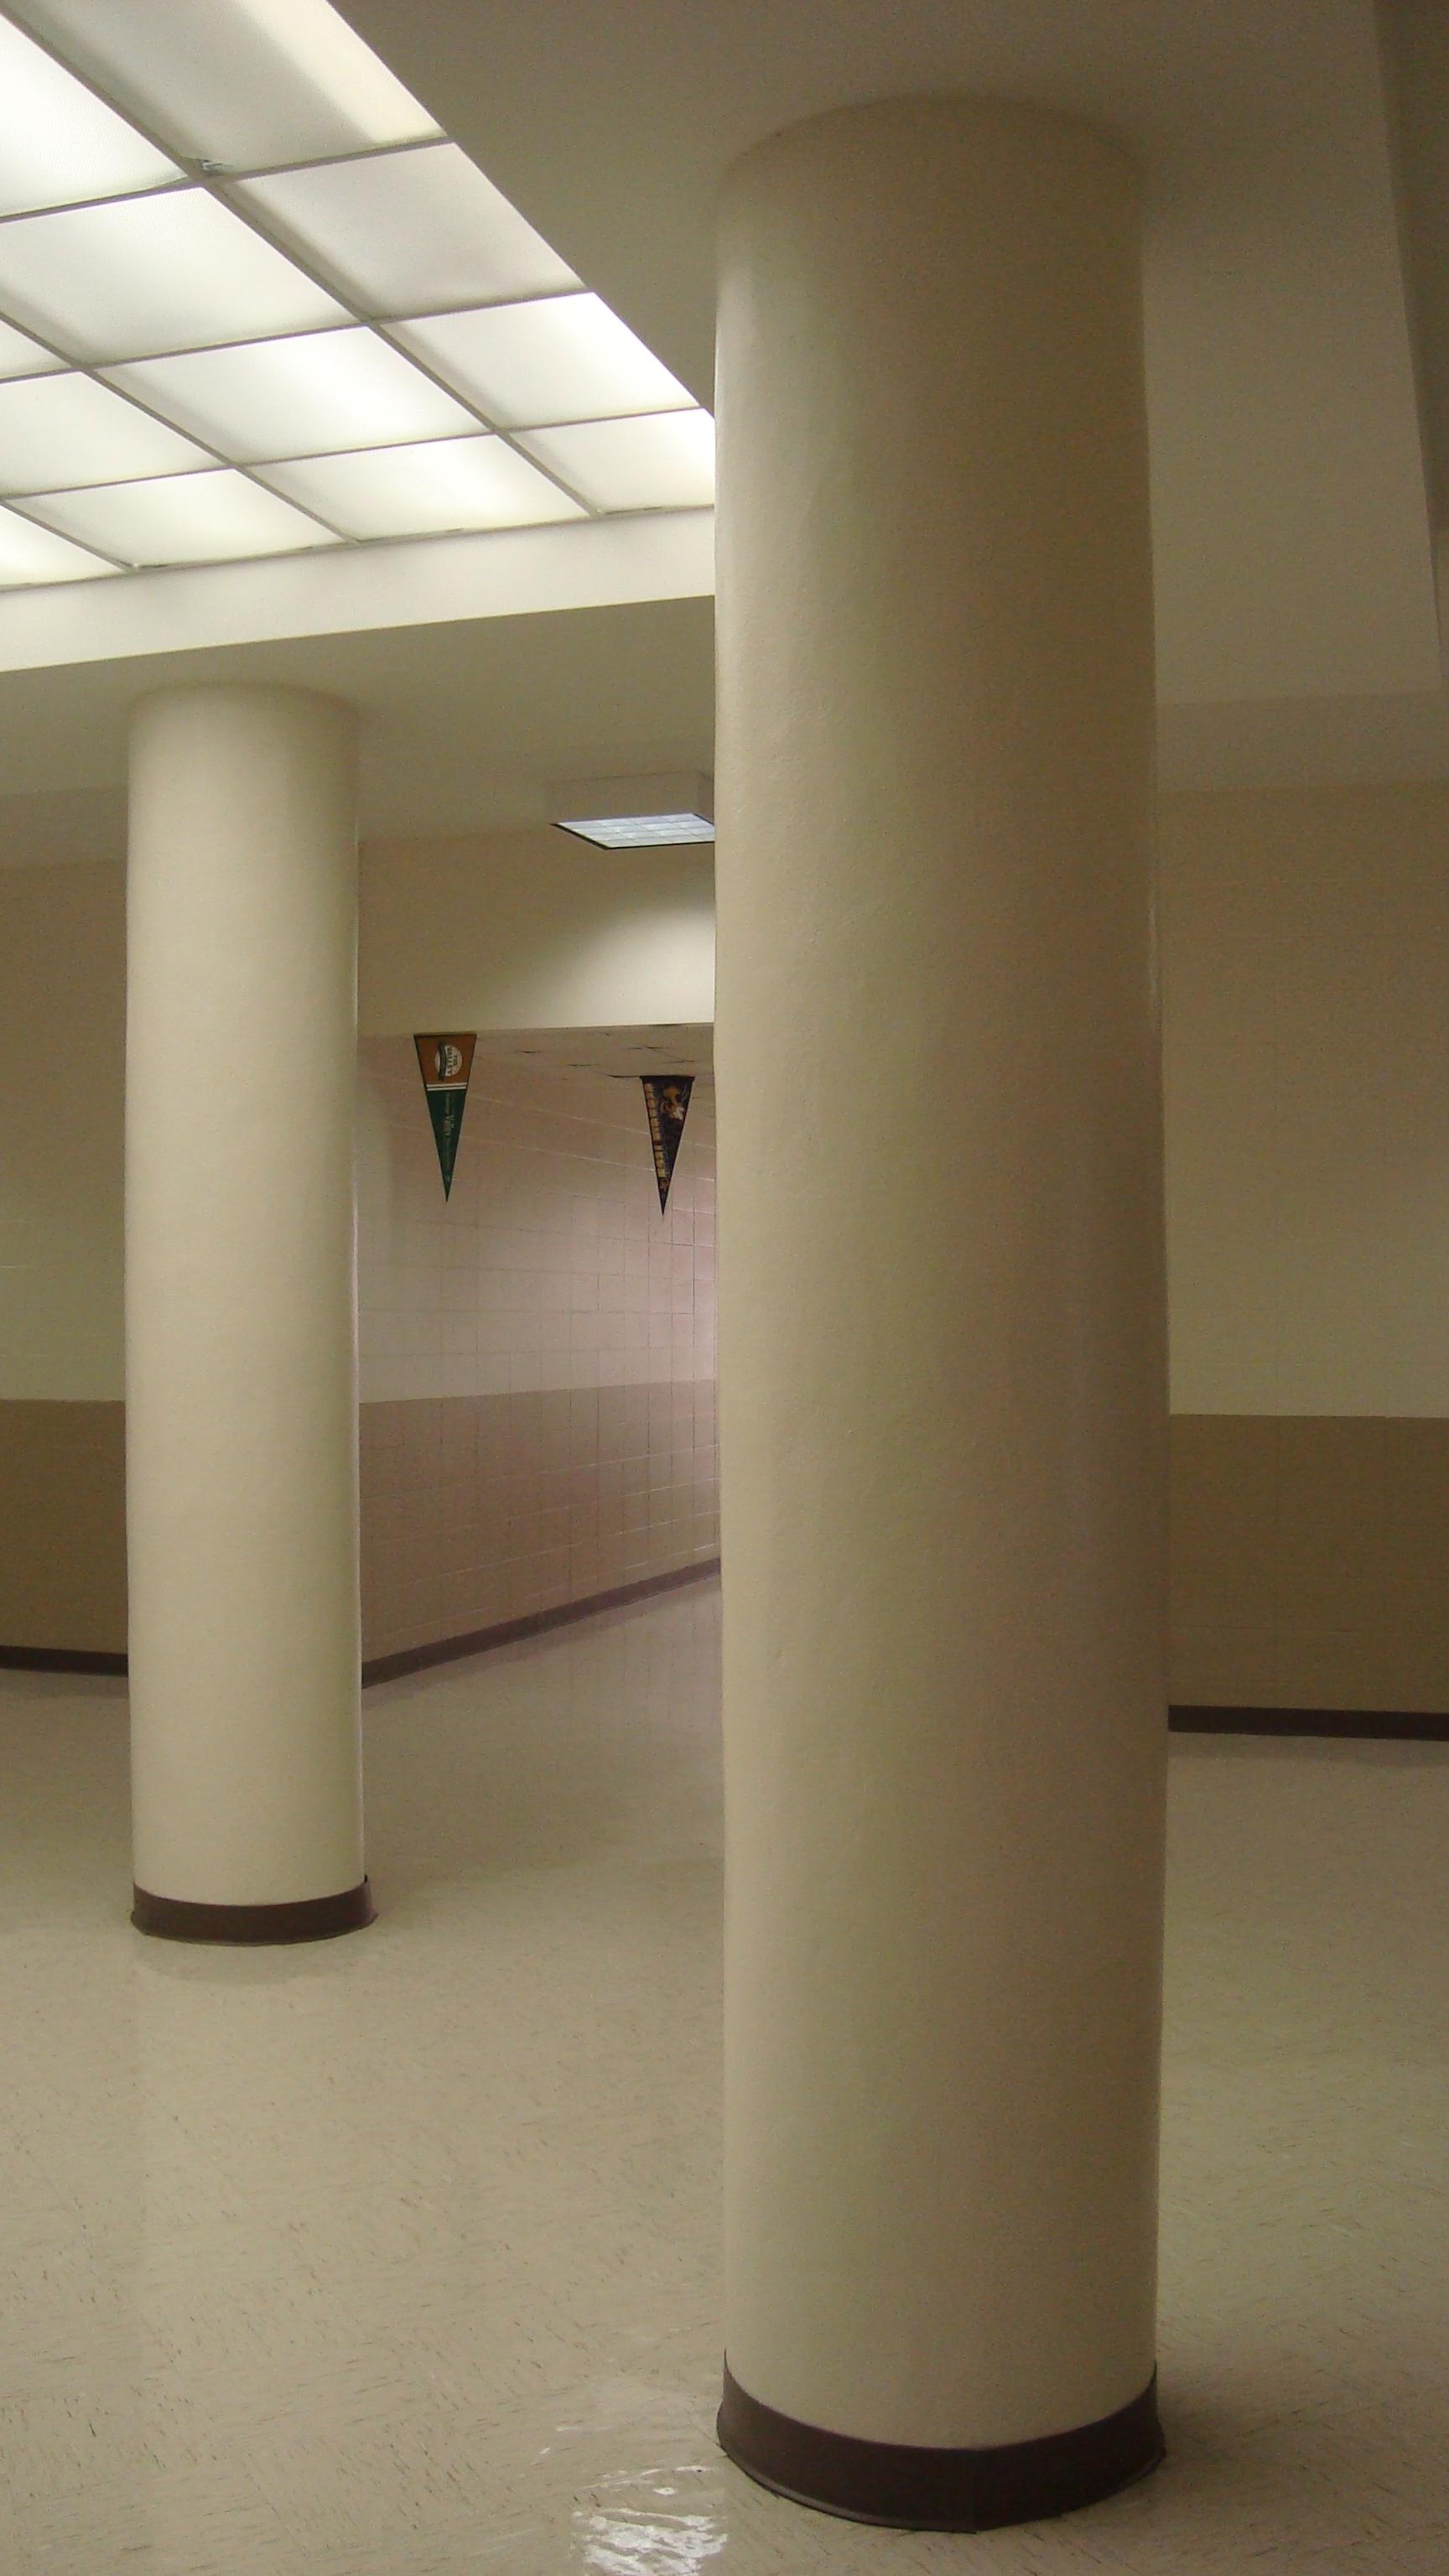 Corridor JL N After.JPG